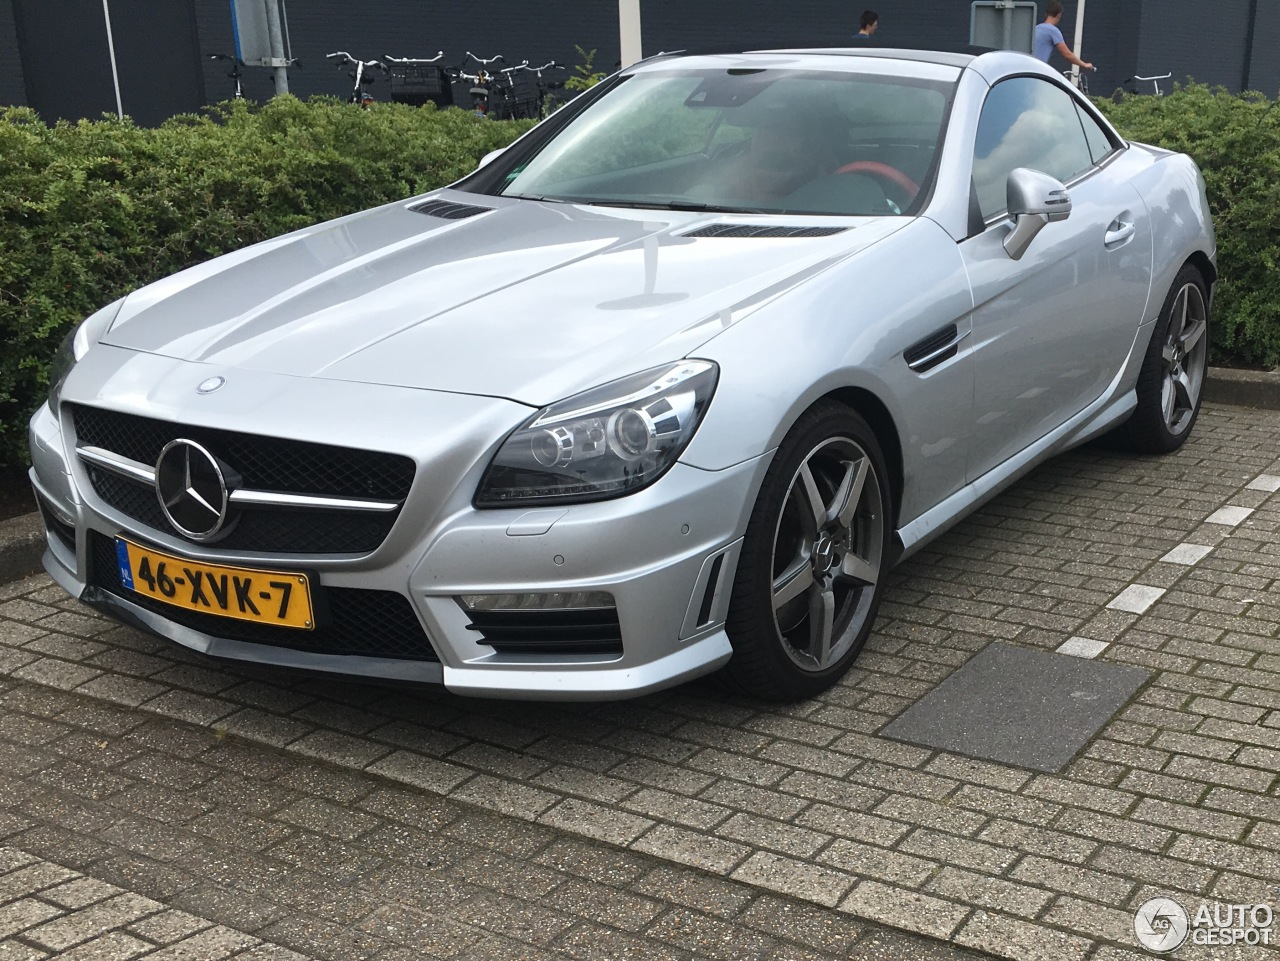 Mercedes benz slk 55 amg r172 23 juli 2016 autogespot for Mercedes benz slk 65 amg